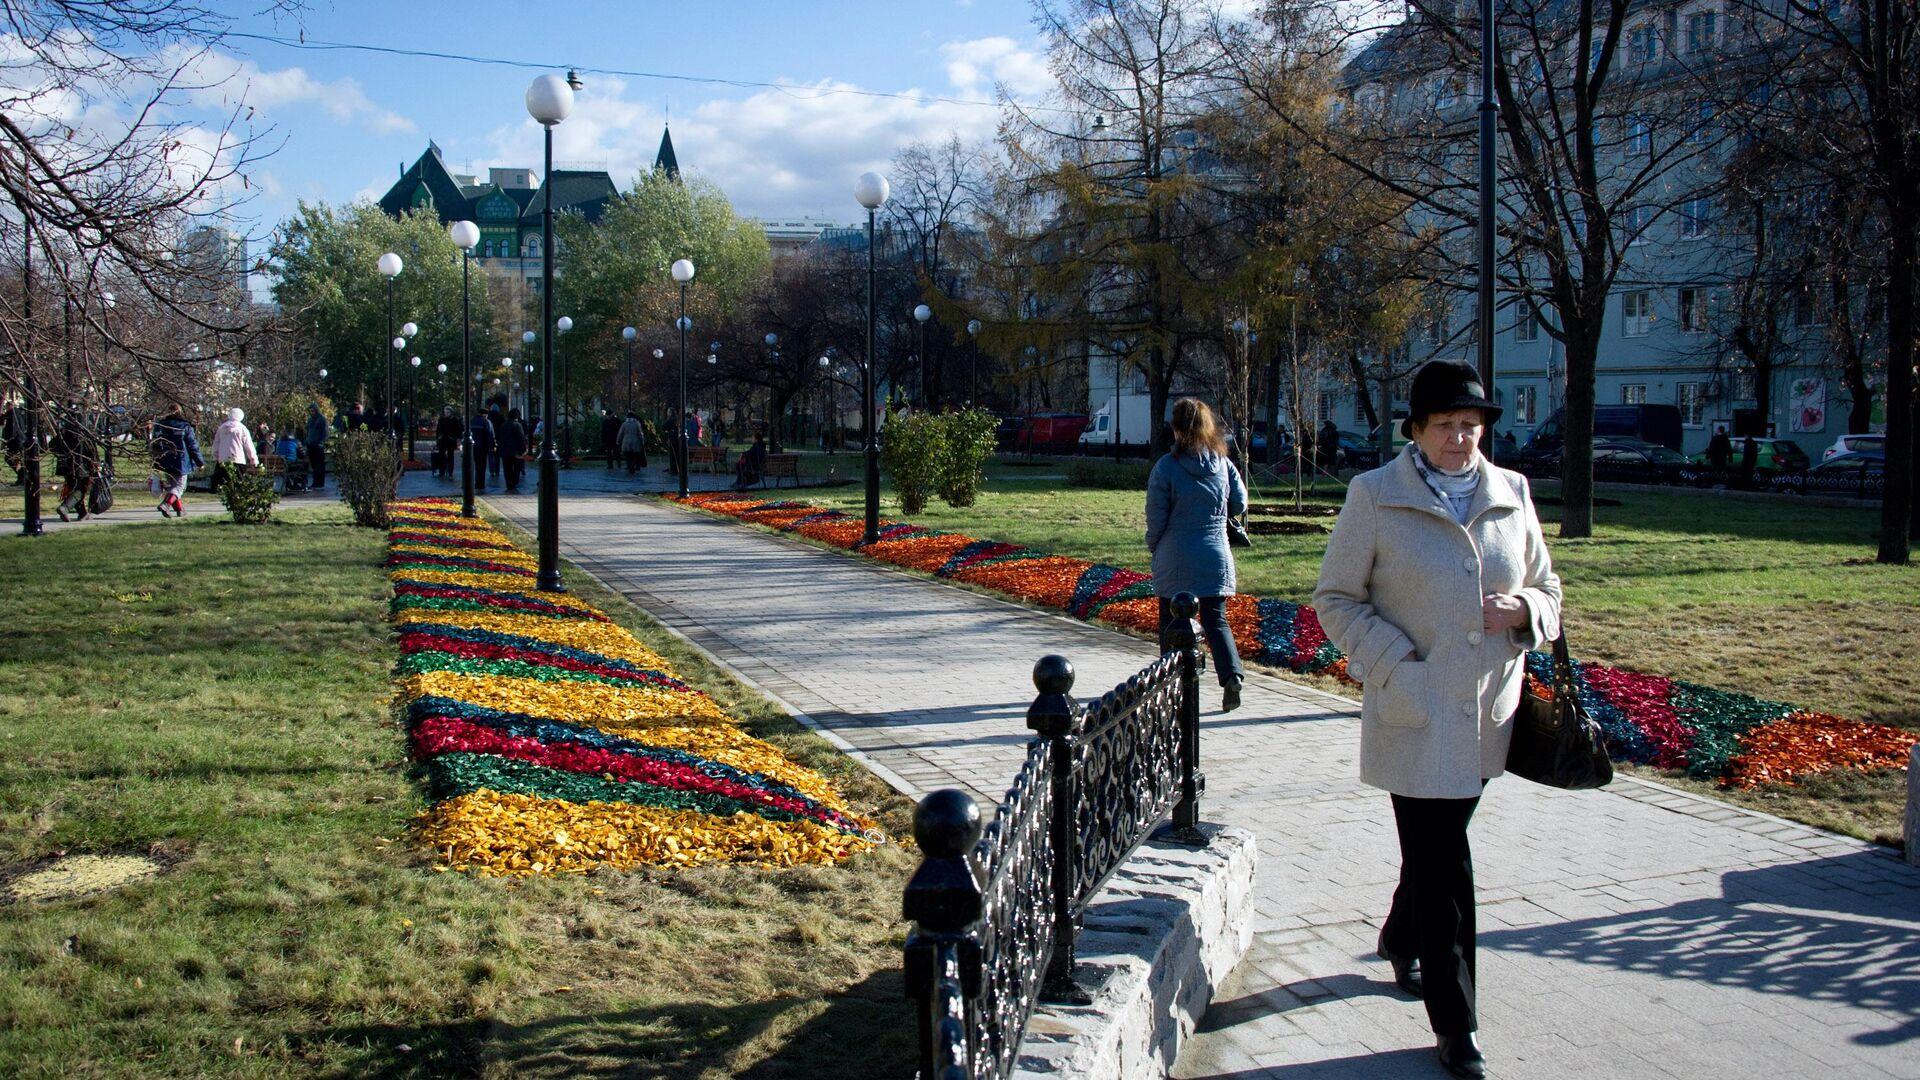 Сквер на Сухаревской площади - РИА Новости, 1920, 09.02.2021